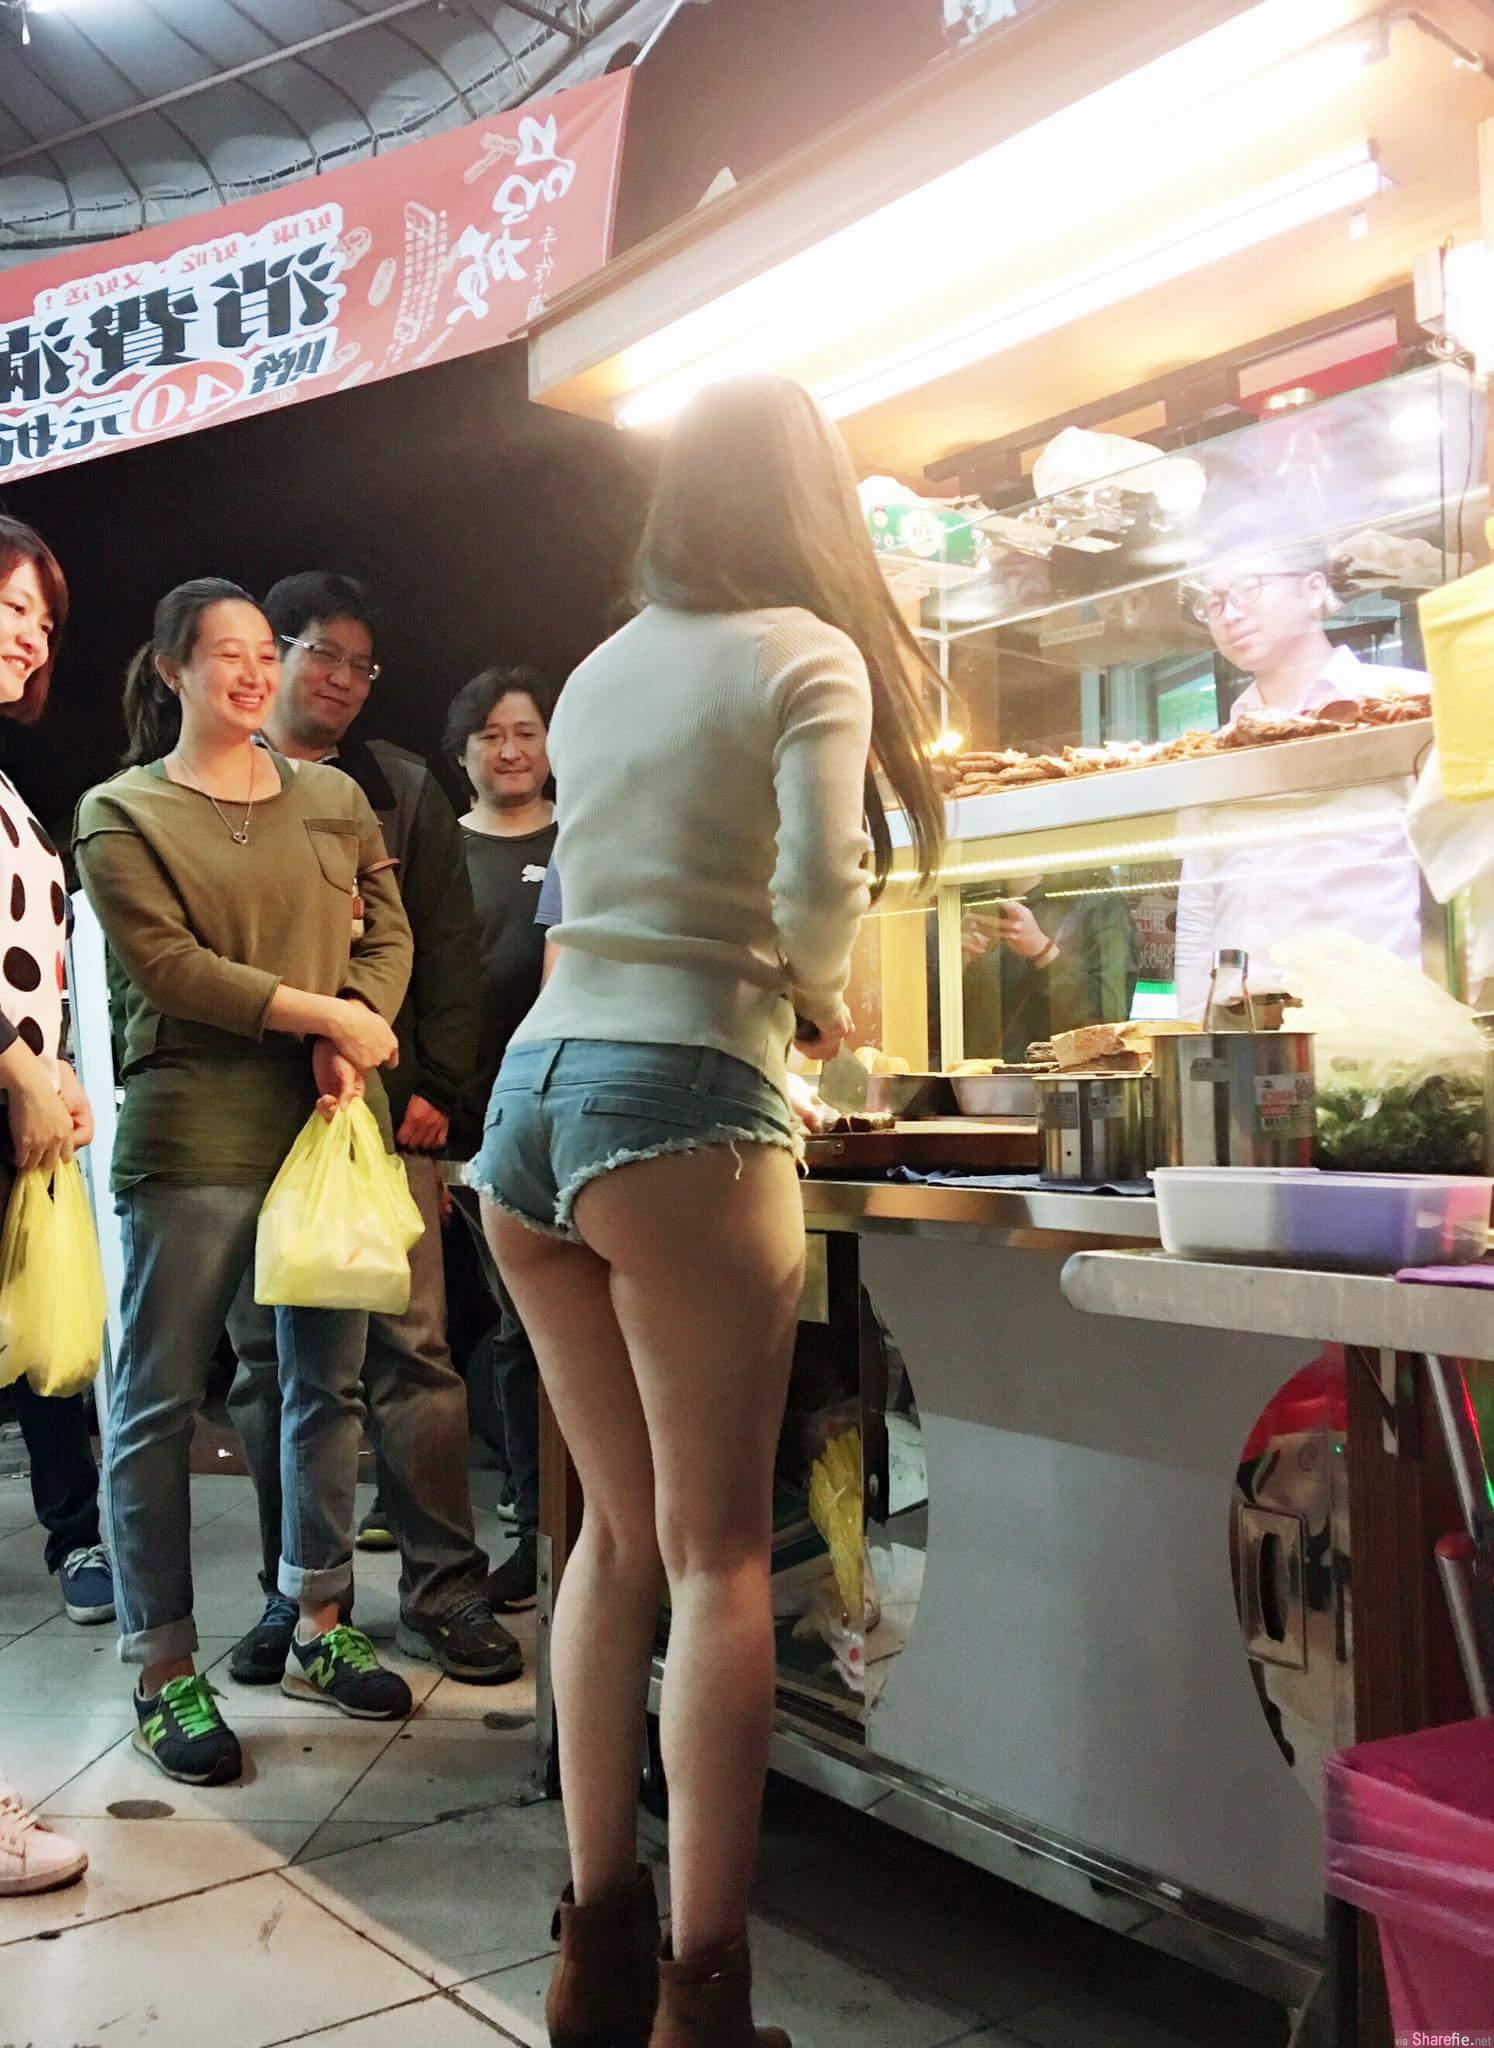 滷味店找正妹当店长,一排男人看她切